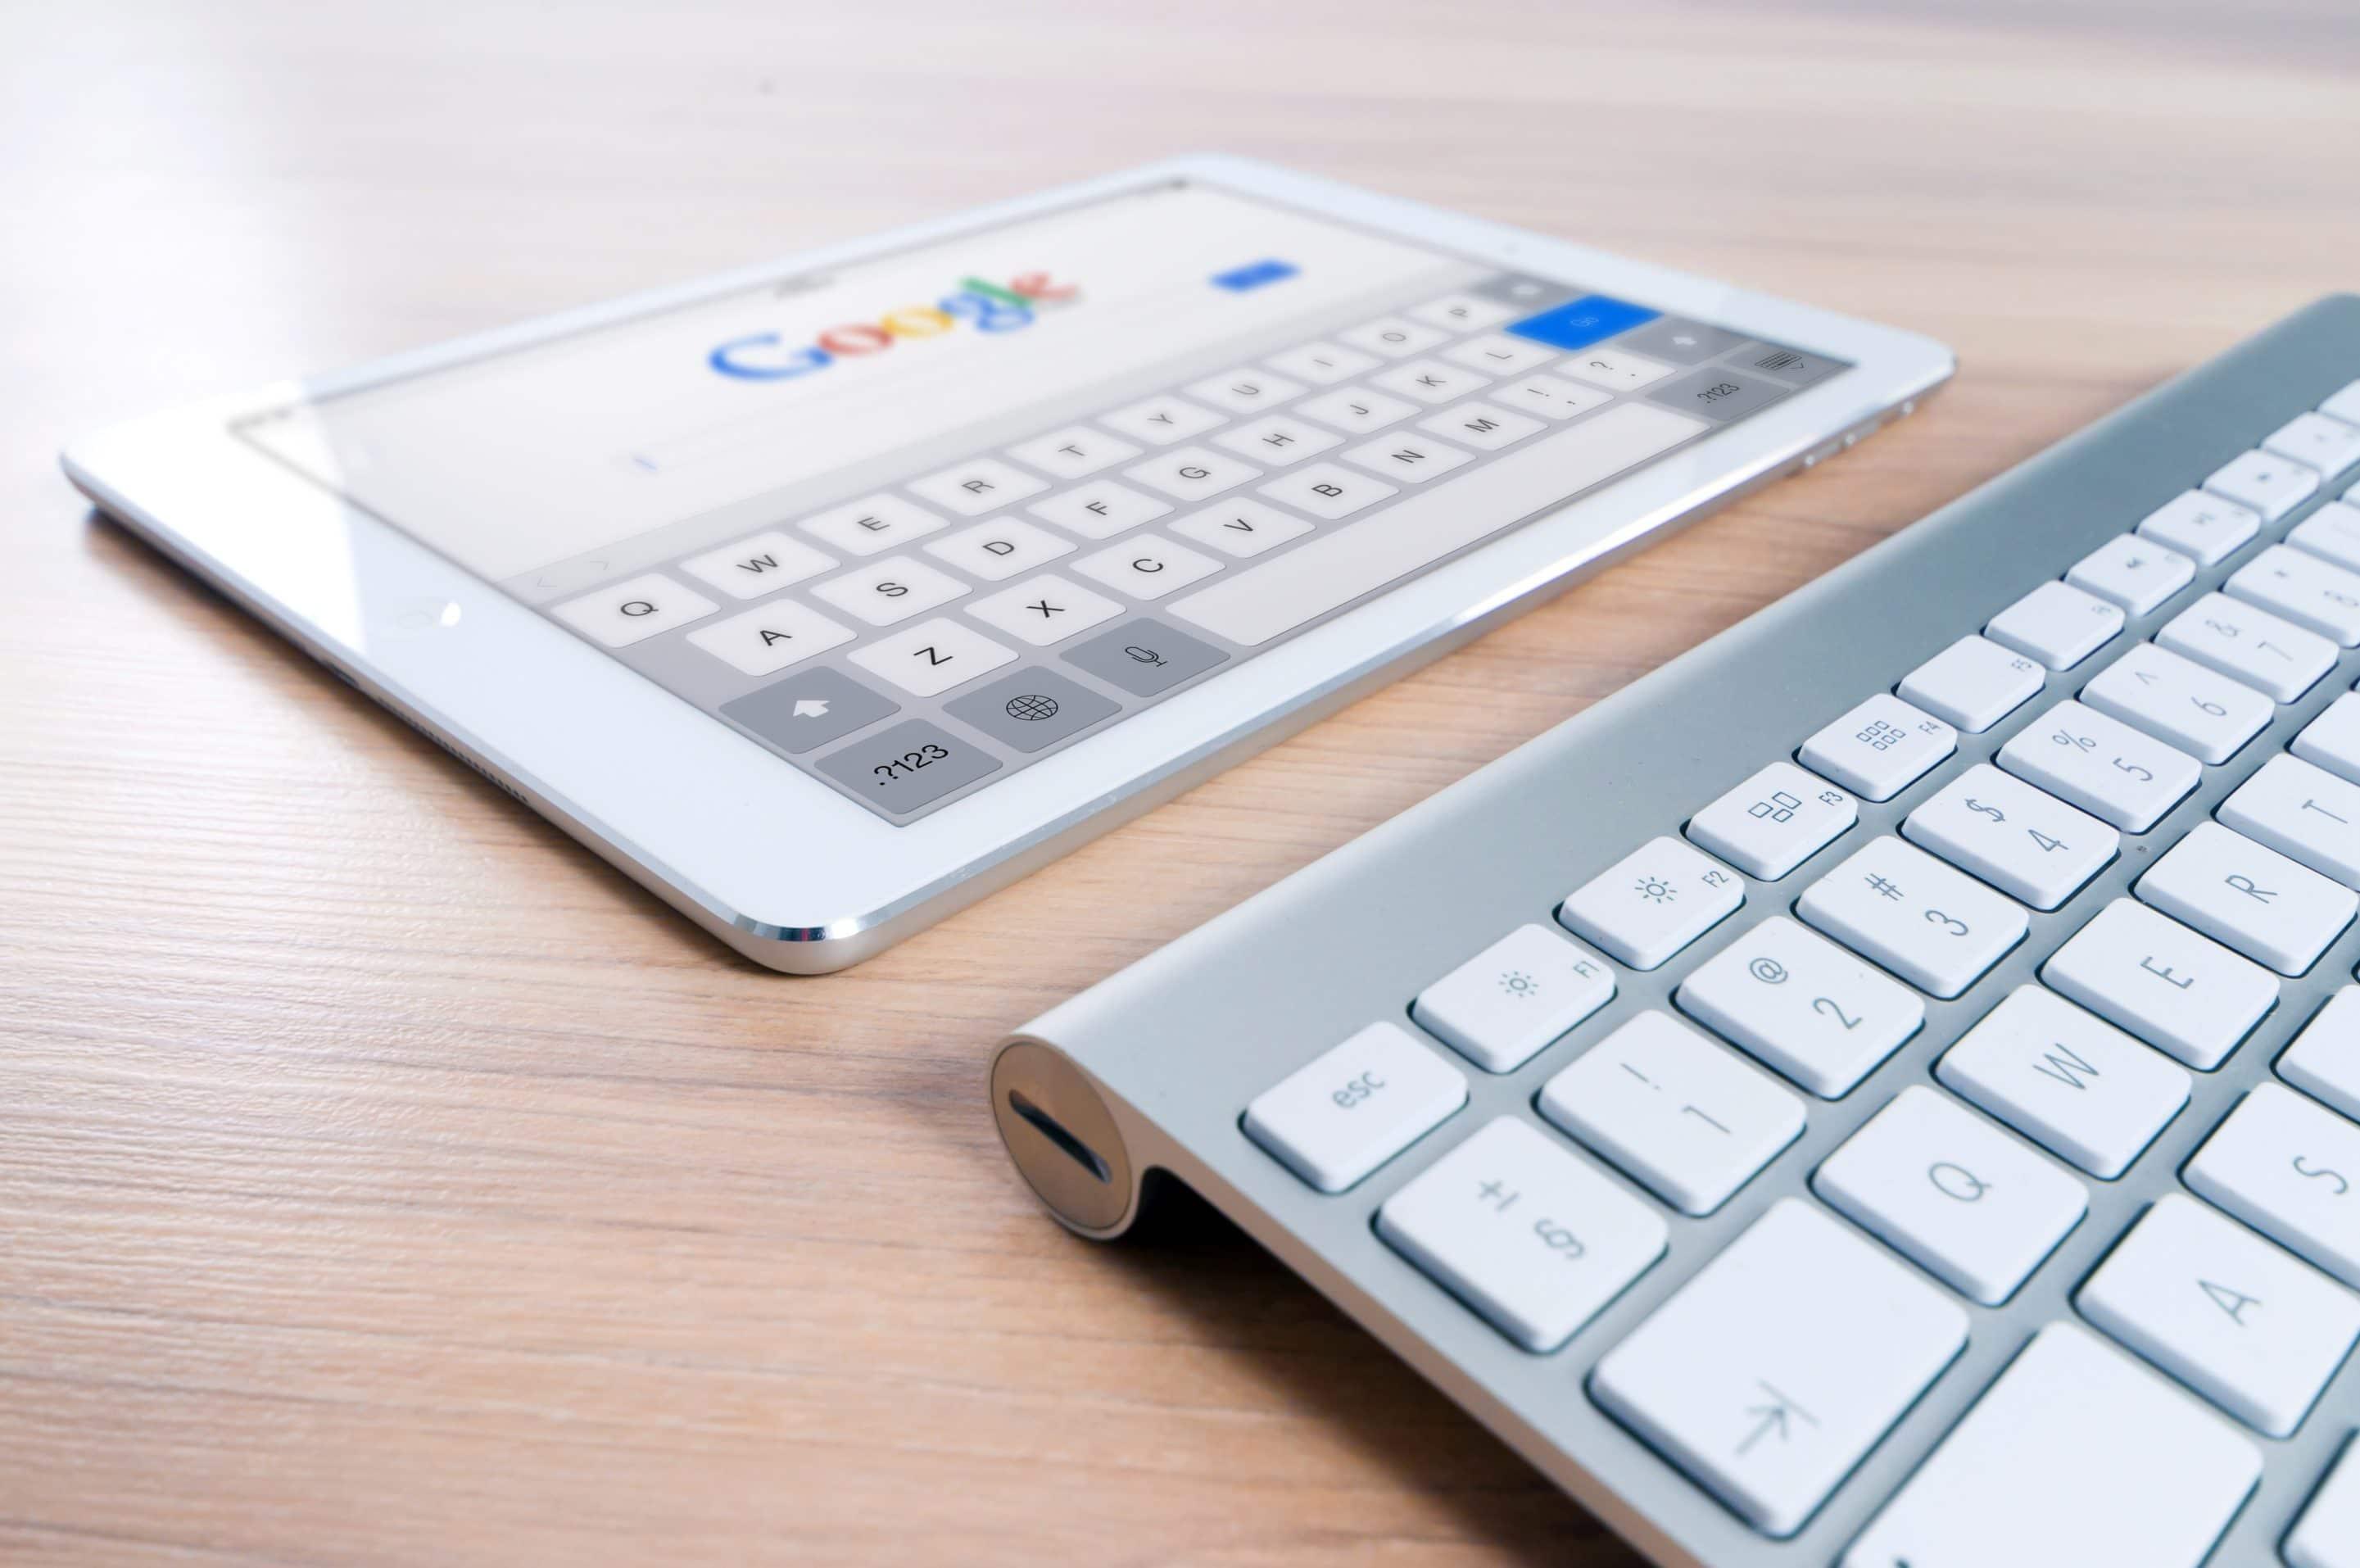 ipad, google, seo